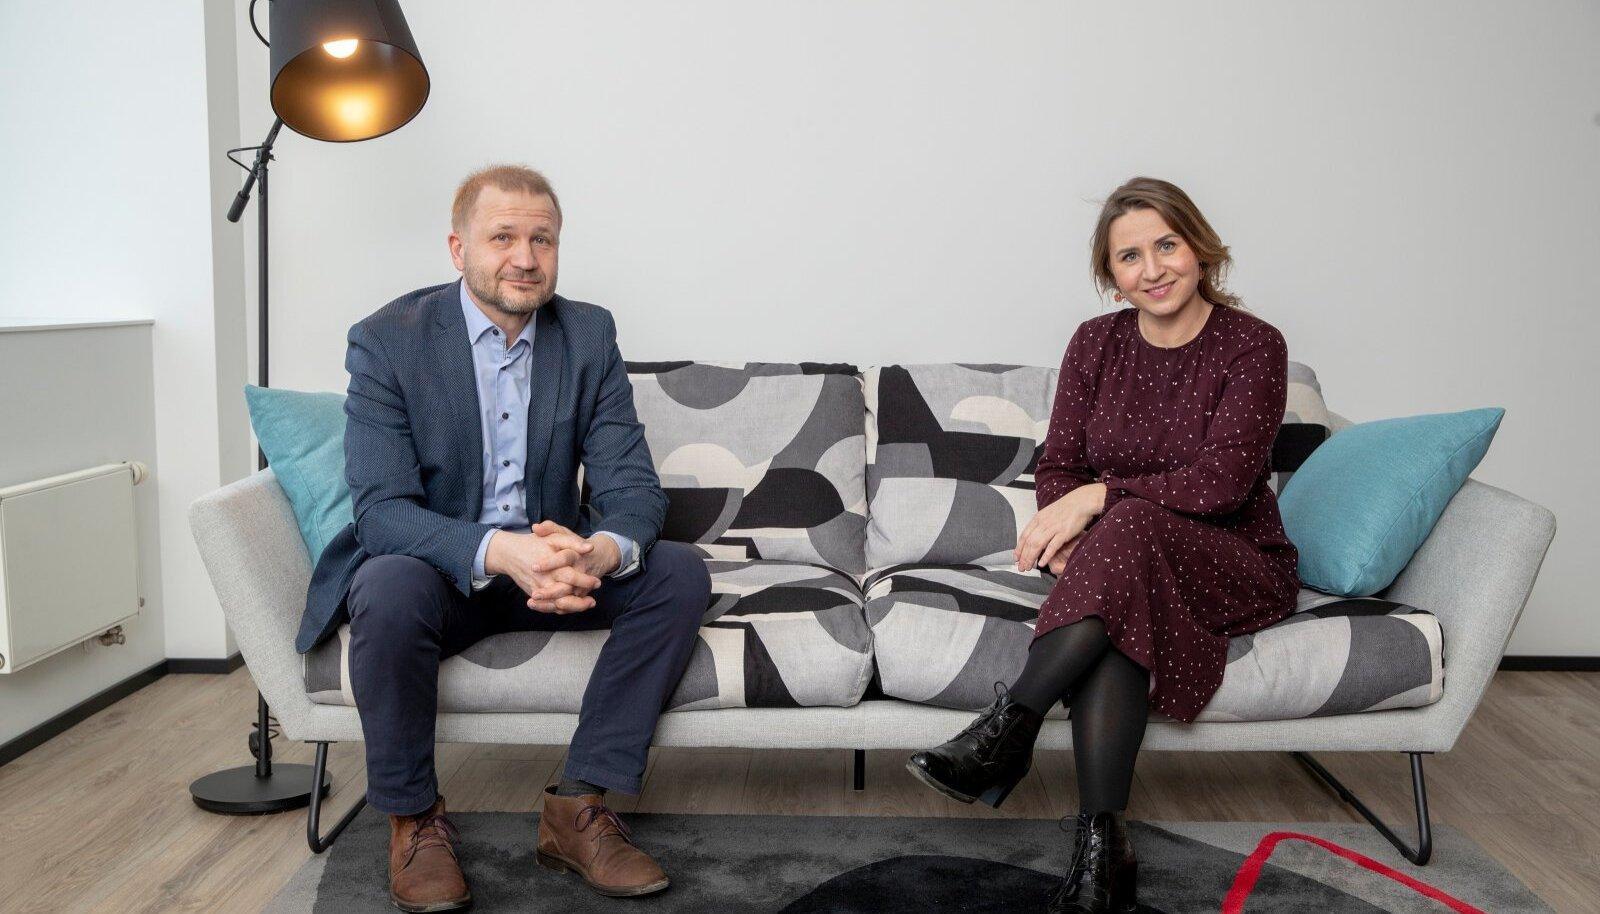 EESTKÕNELEJAD: Energiaühistu tegevjuht Märt Helmja ja asutajaliige Annika Uudelepp.